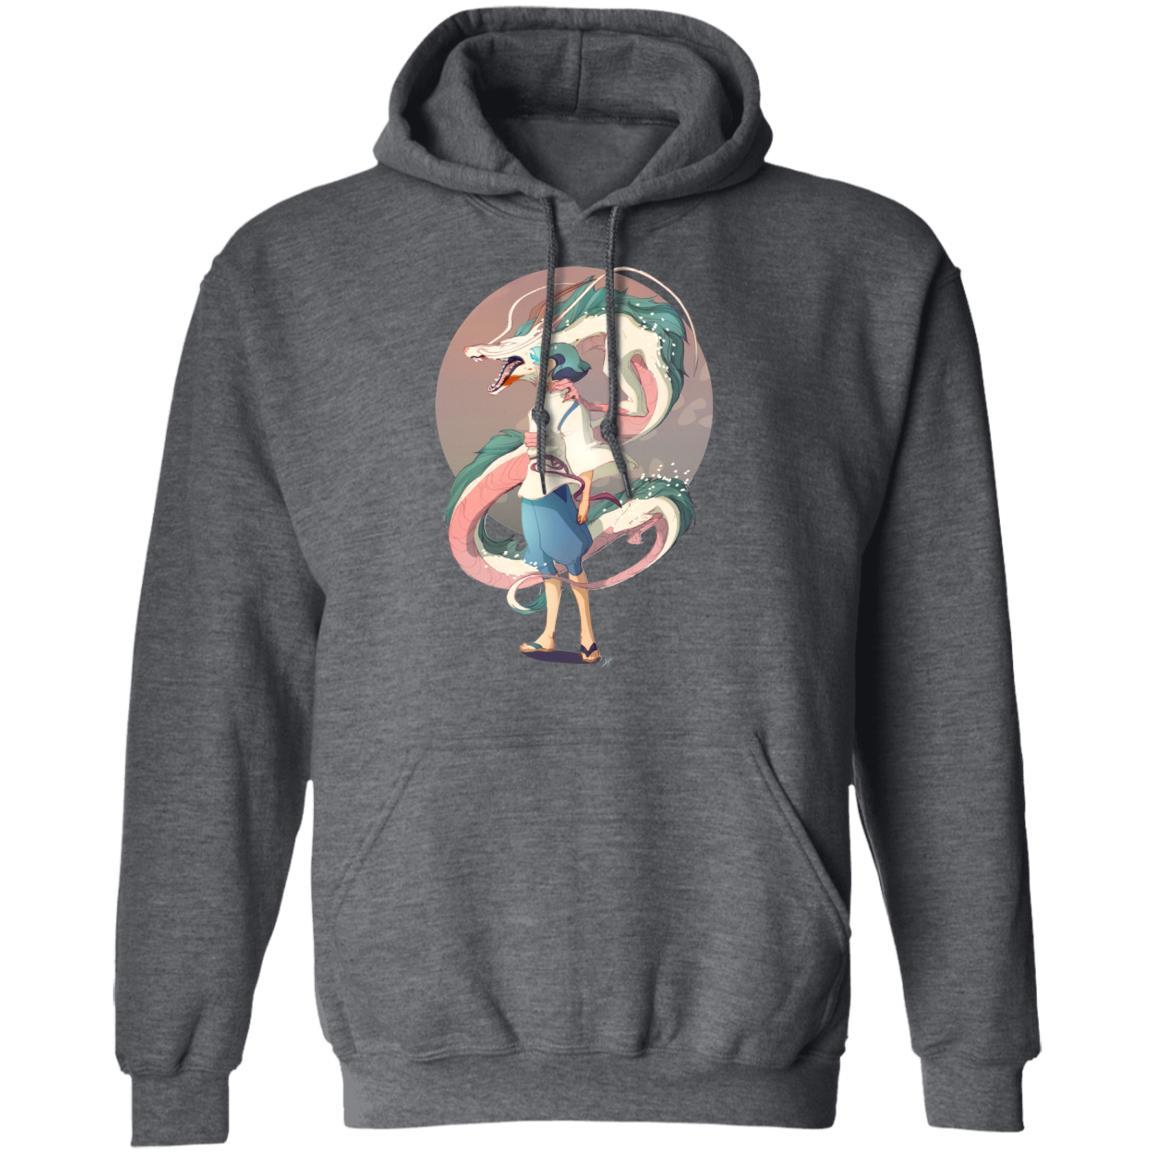 Haku and The Dragon Hoodie